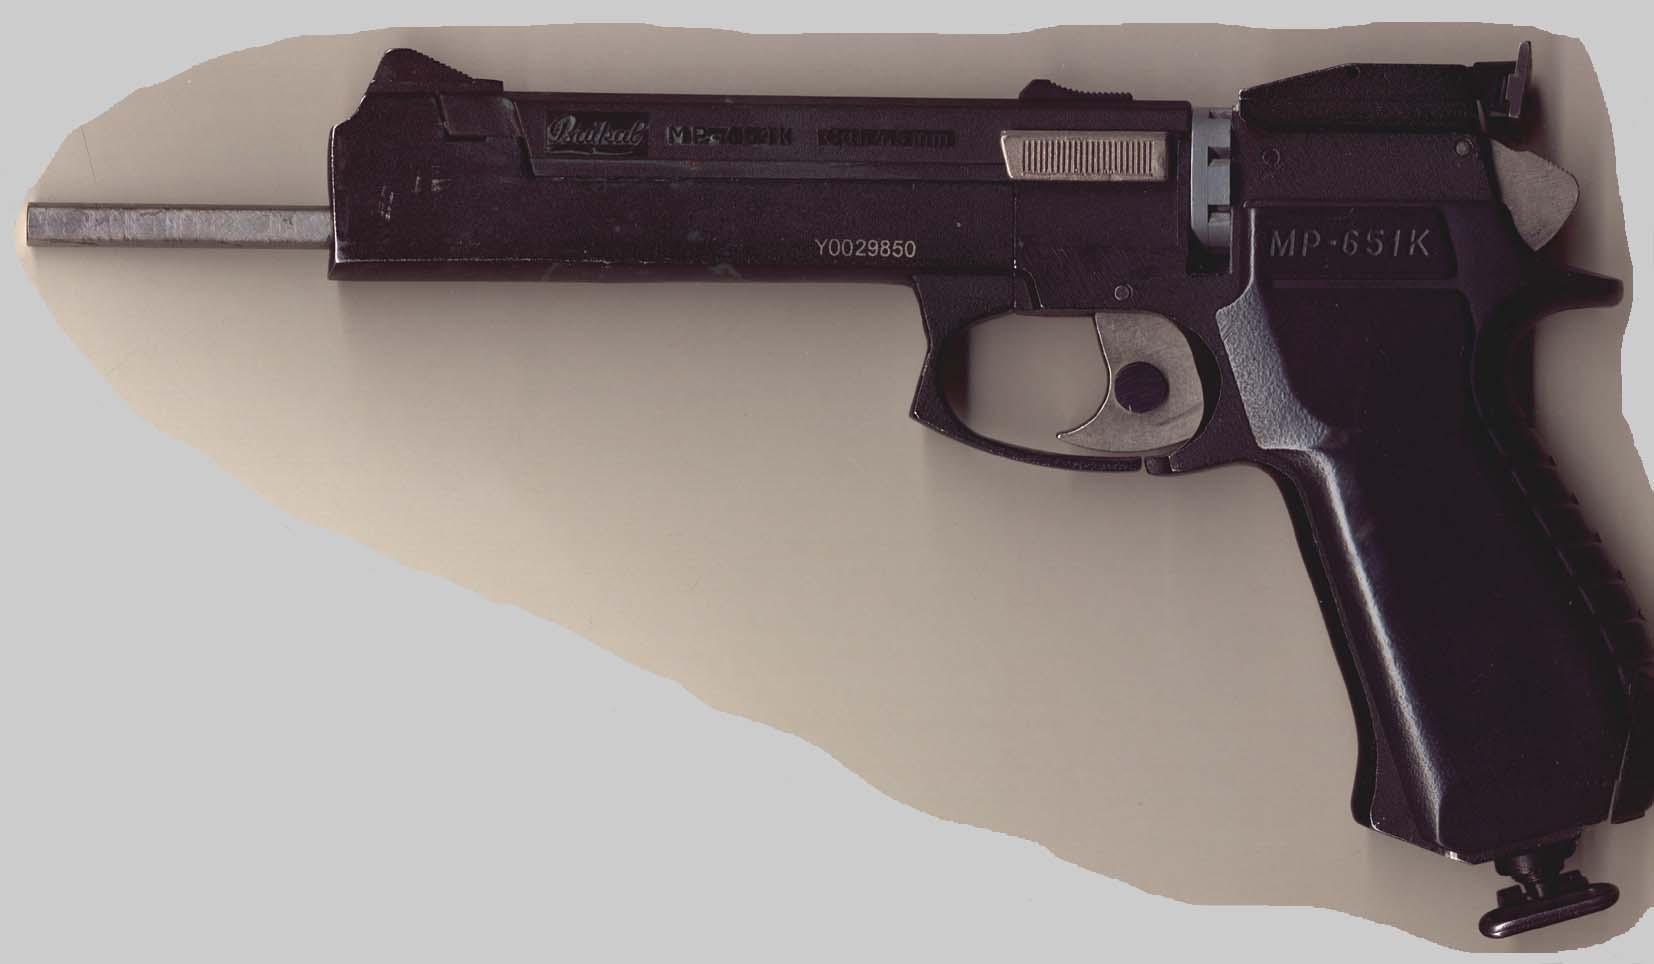 инструкция эксплуатации пистолета мр 651 к